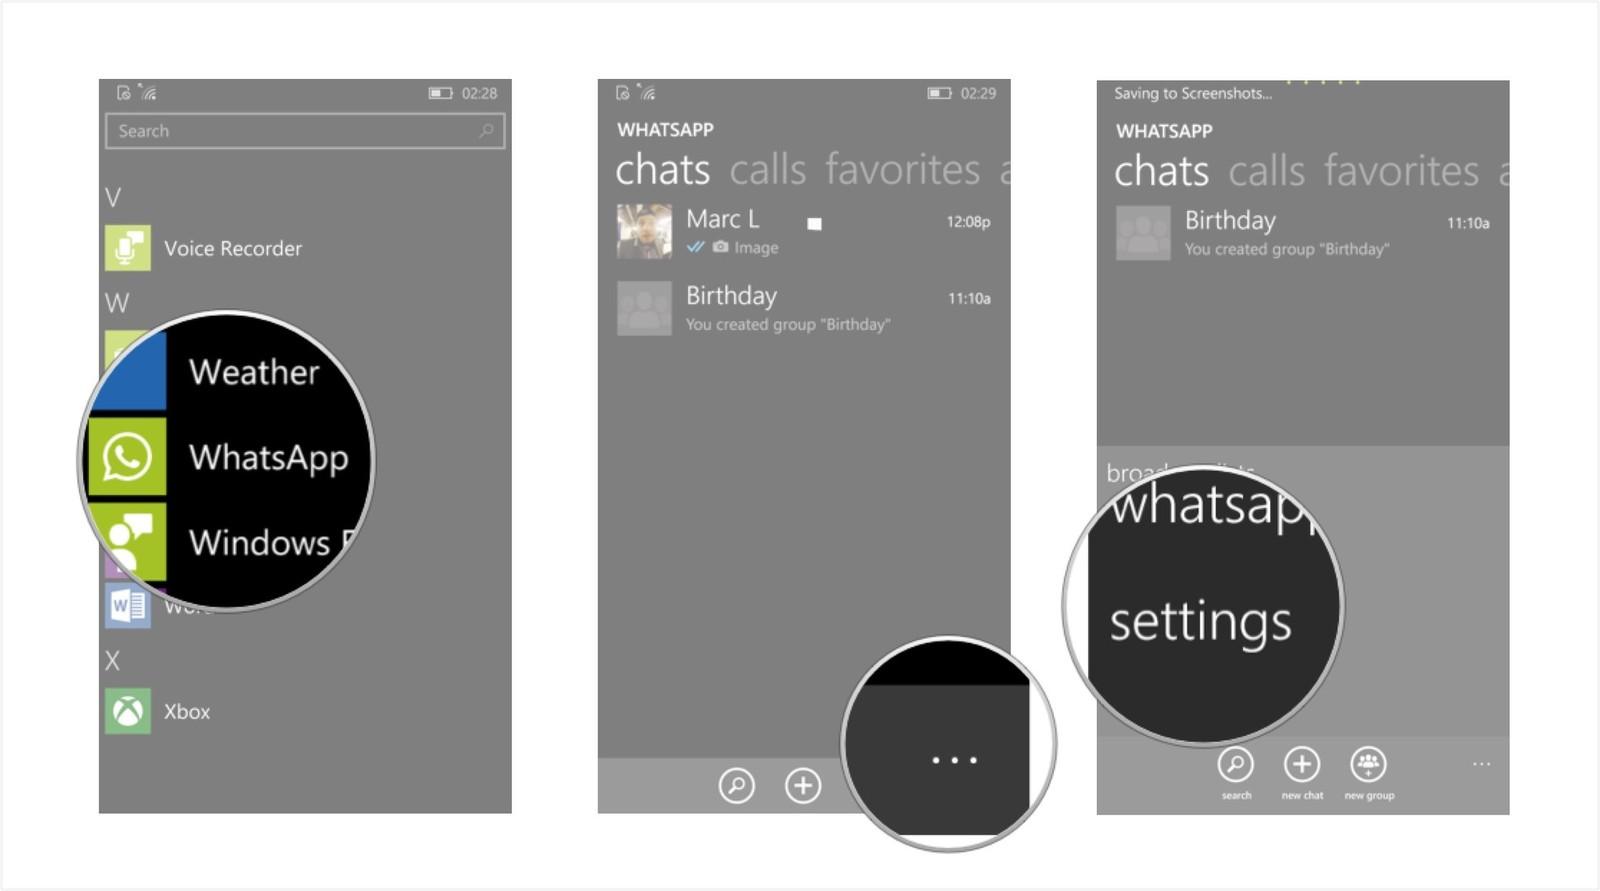 Как сохранить переписку и создать резервную копию в WhatsApp - разархивировать все